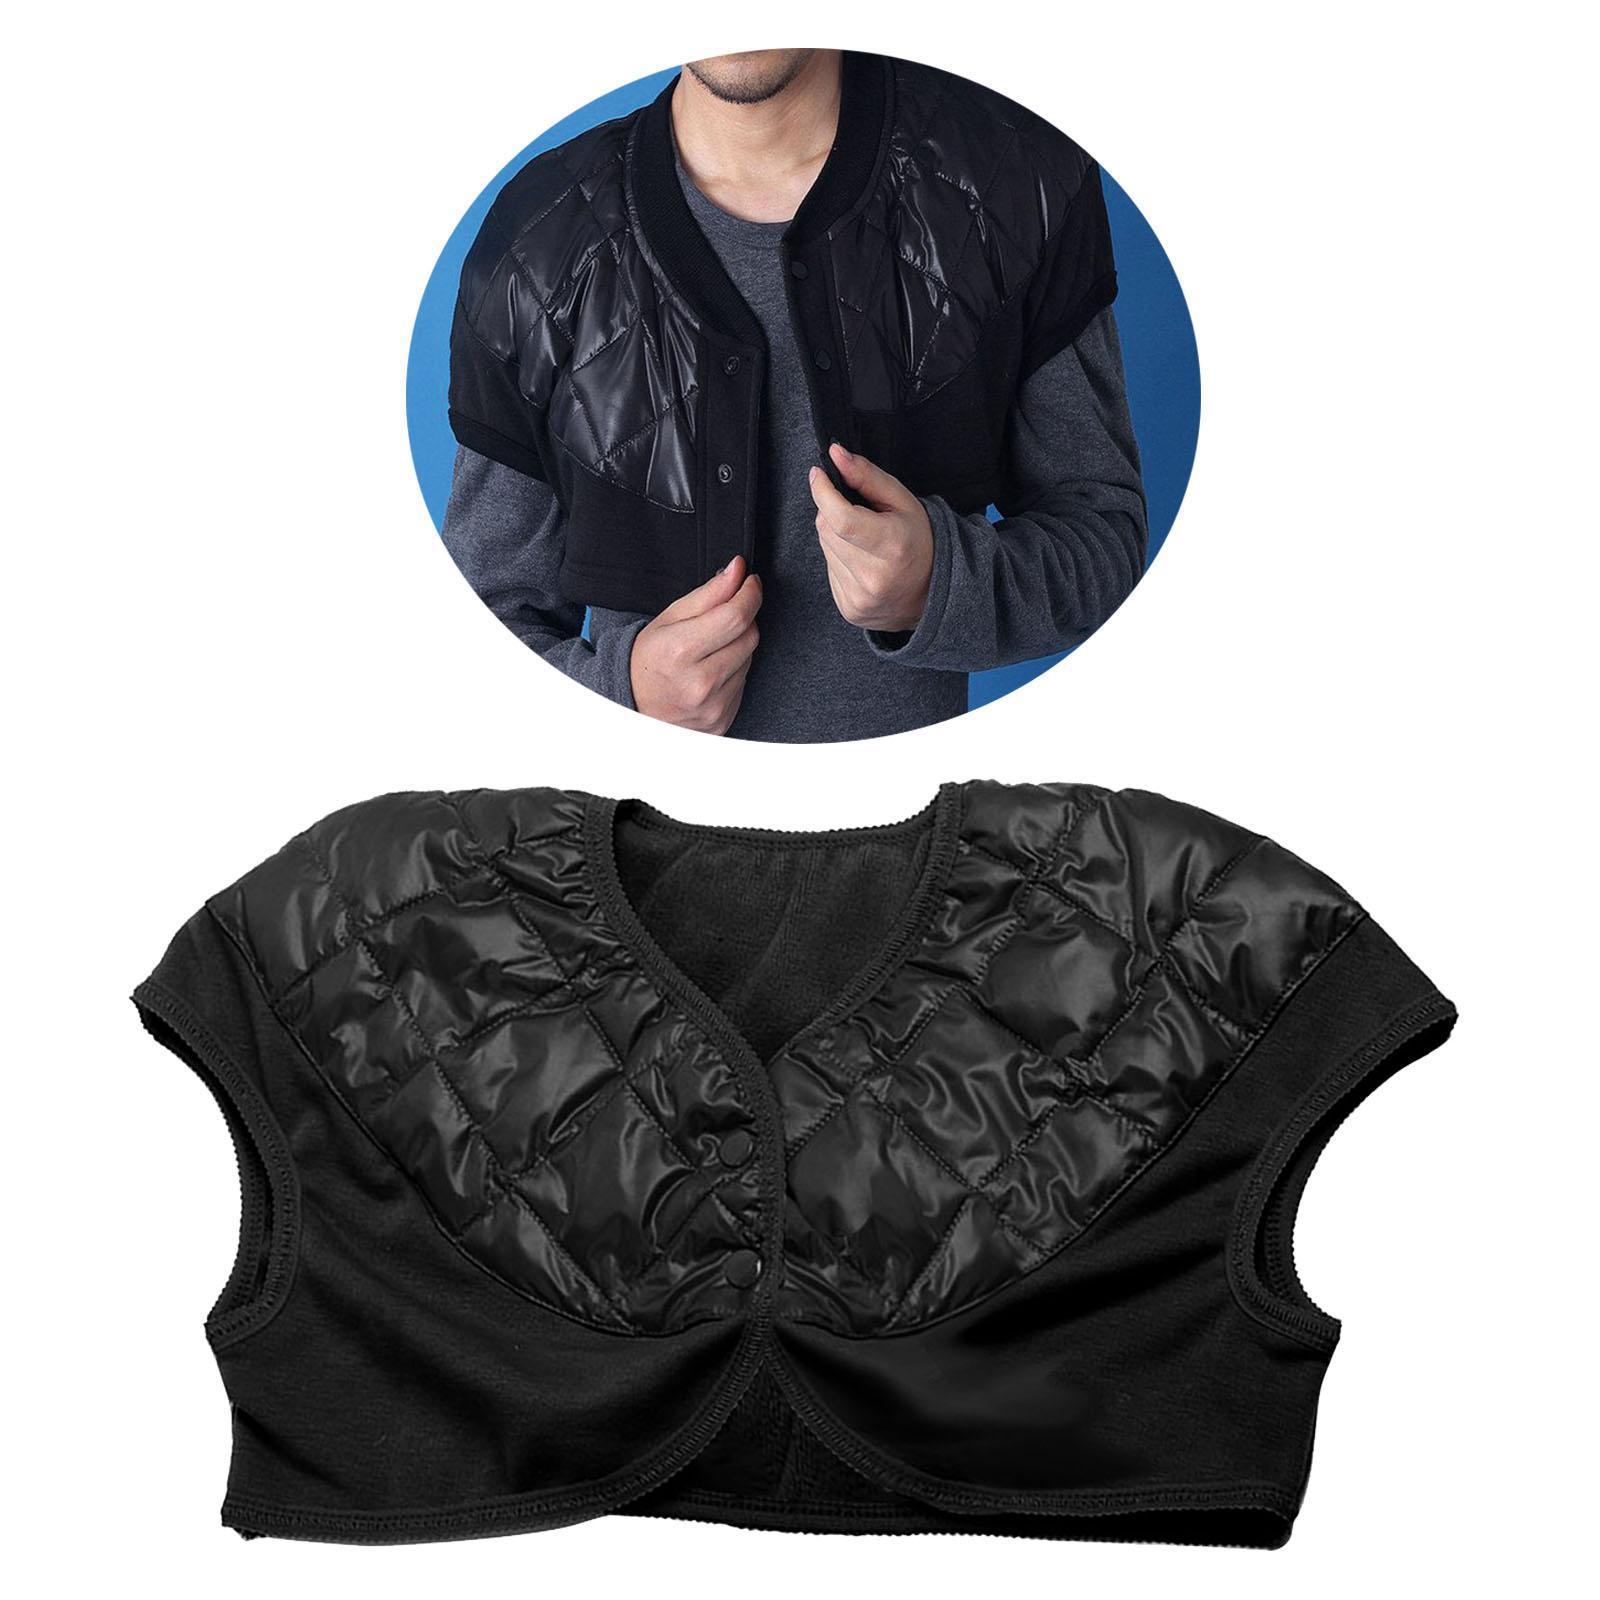 Femmes-Hommes-Down-Jacket-Chaud-Manteau-Court-Epaule-Chaud-Thermique-Wrap miniatura 65